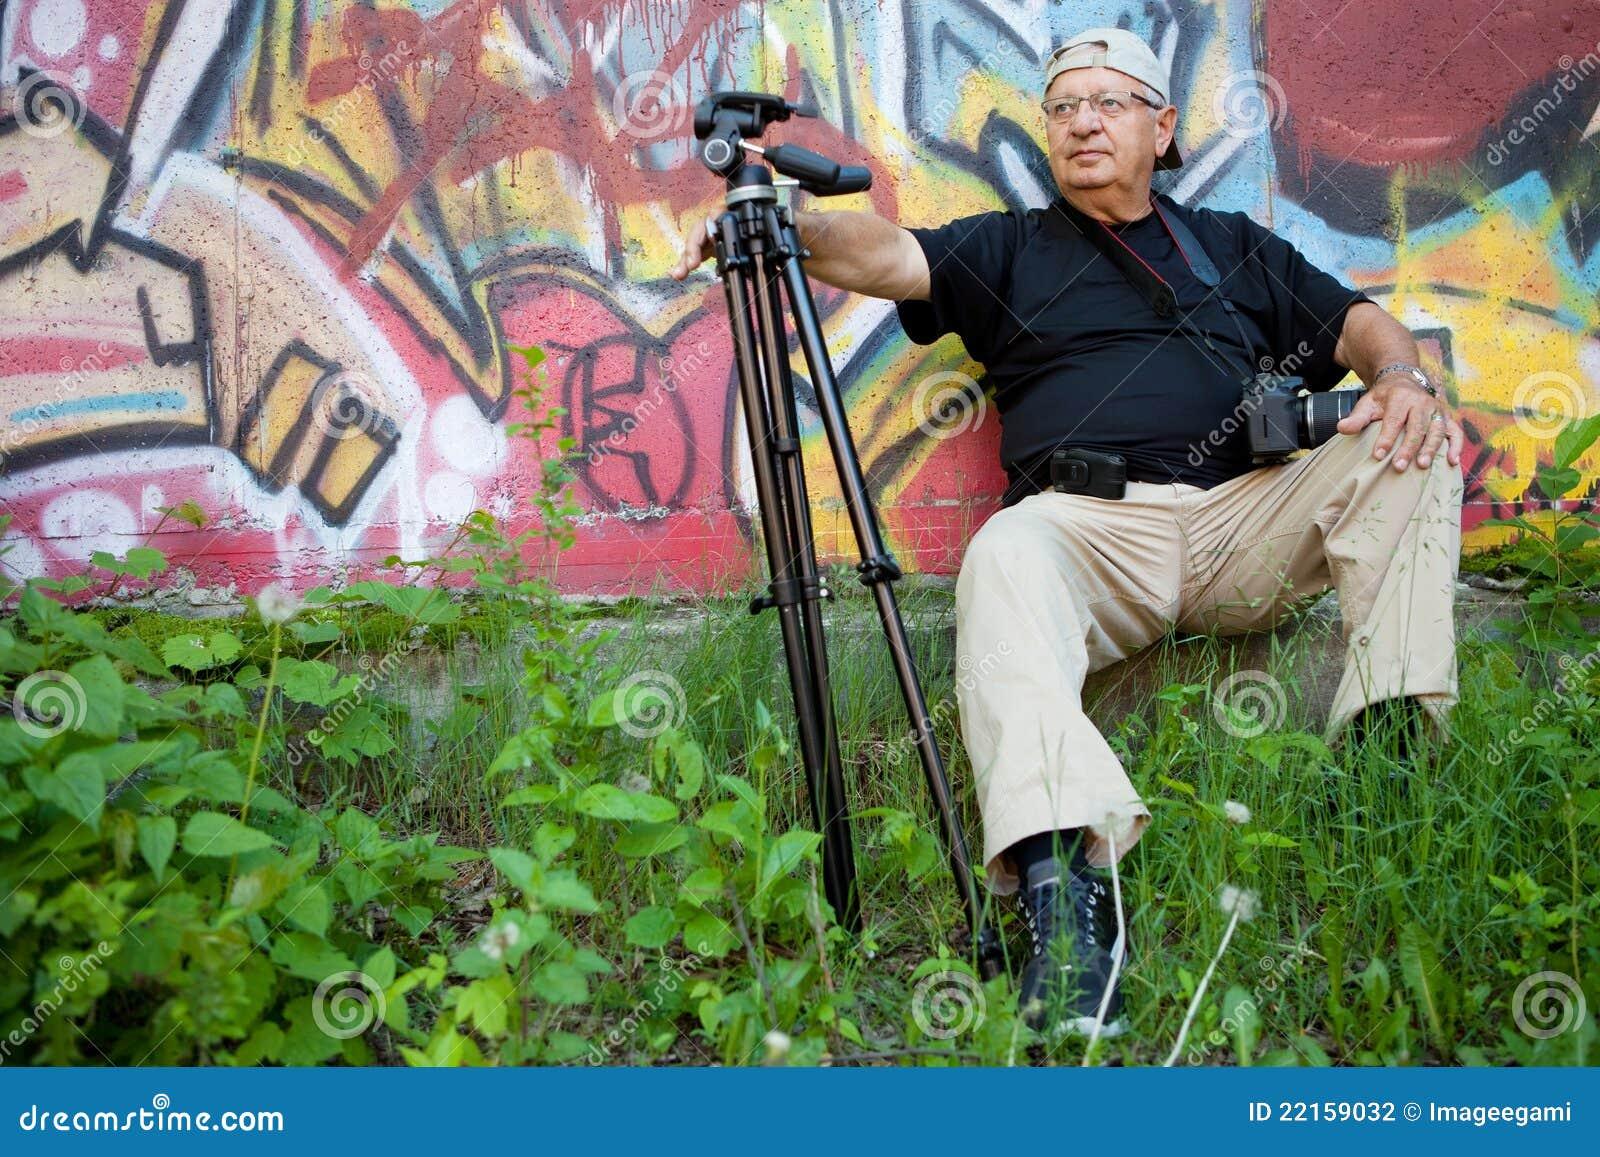 Senior photographer relaxing